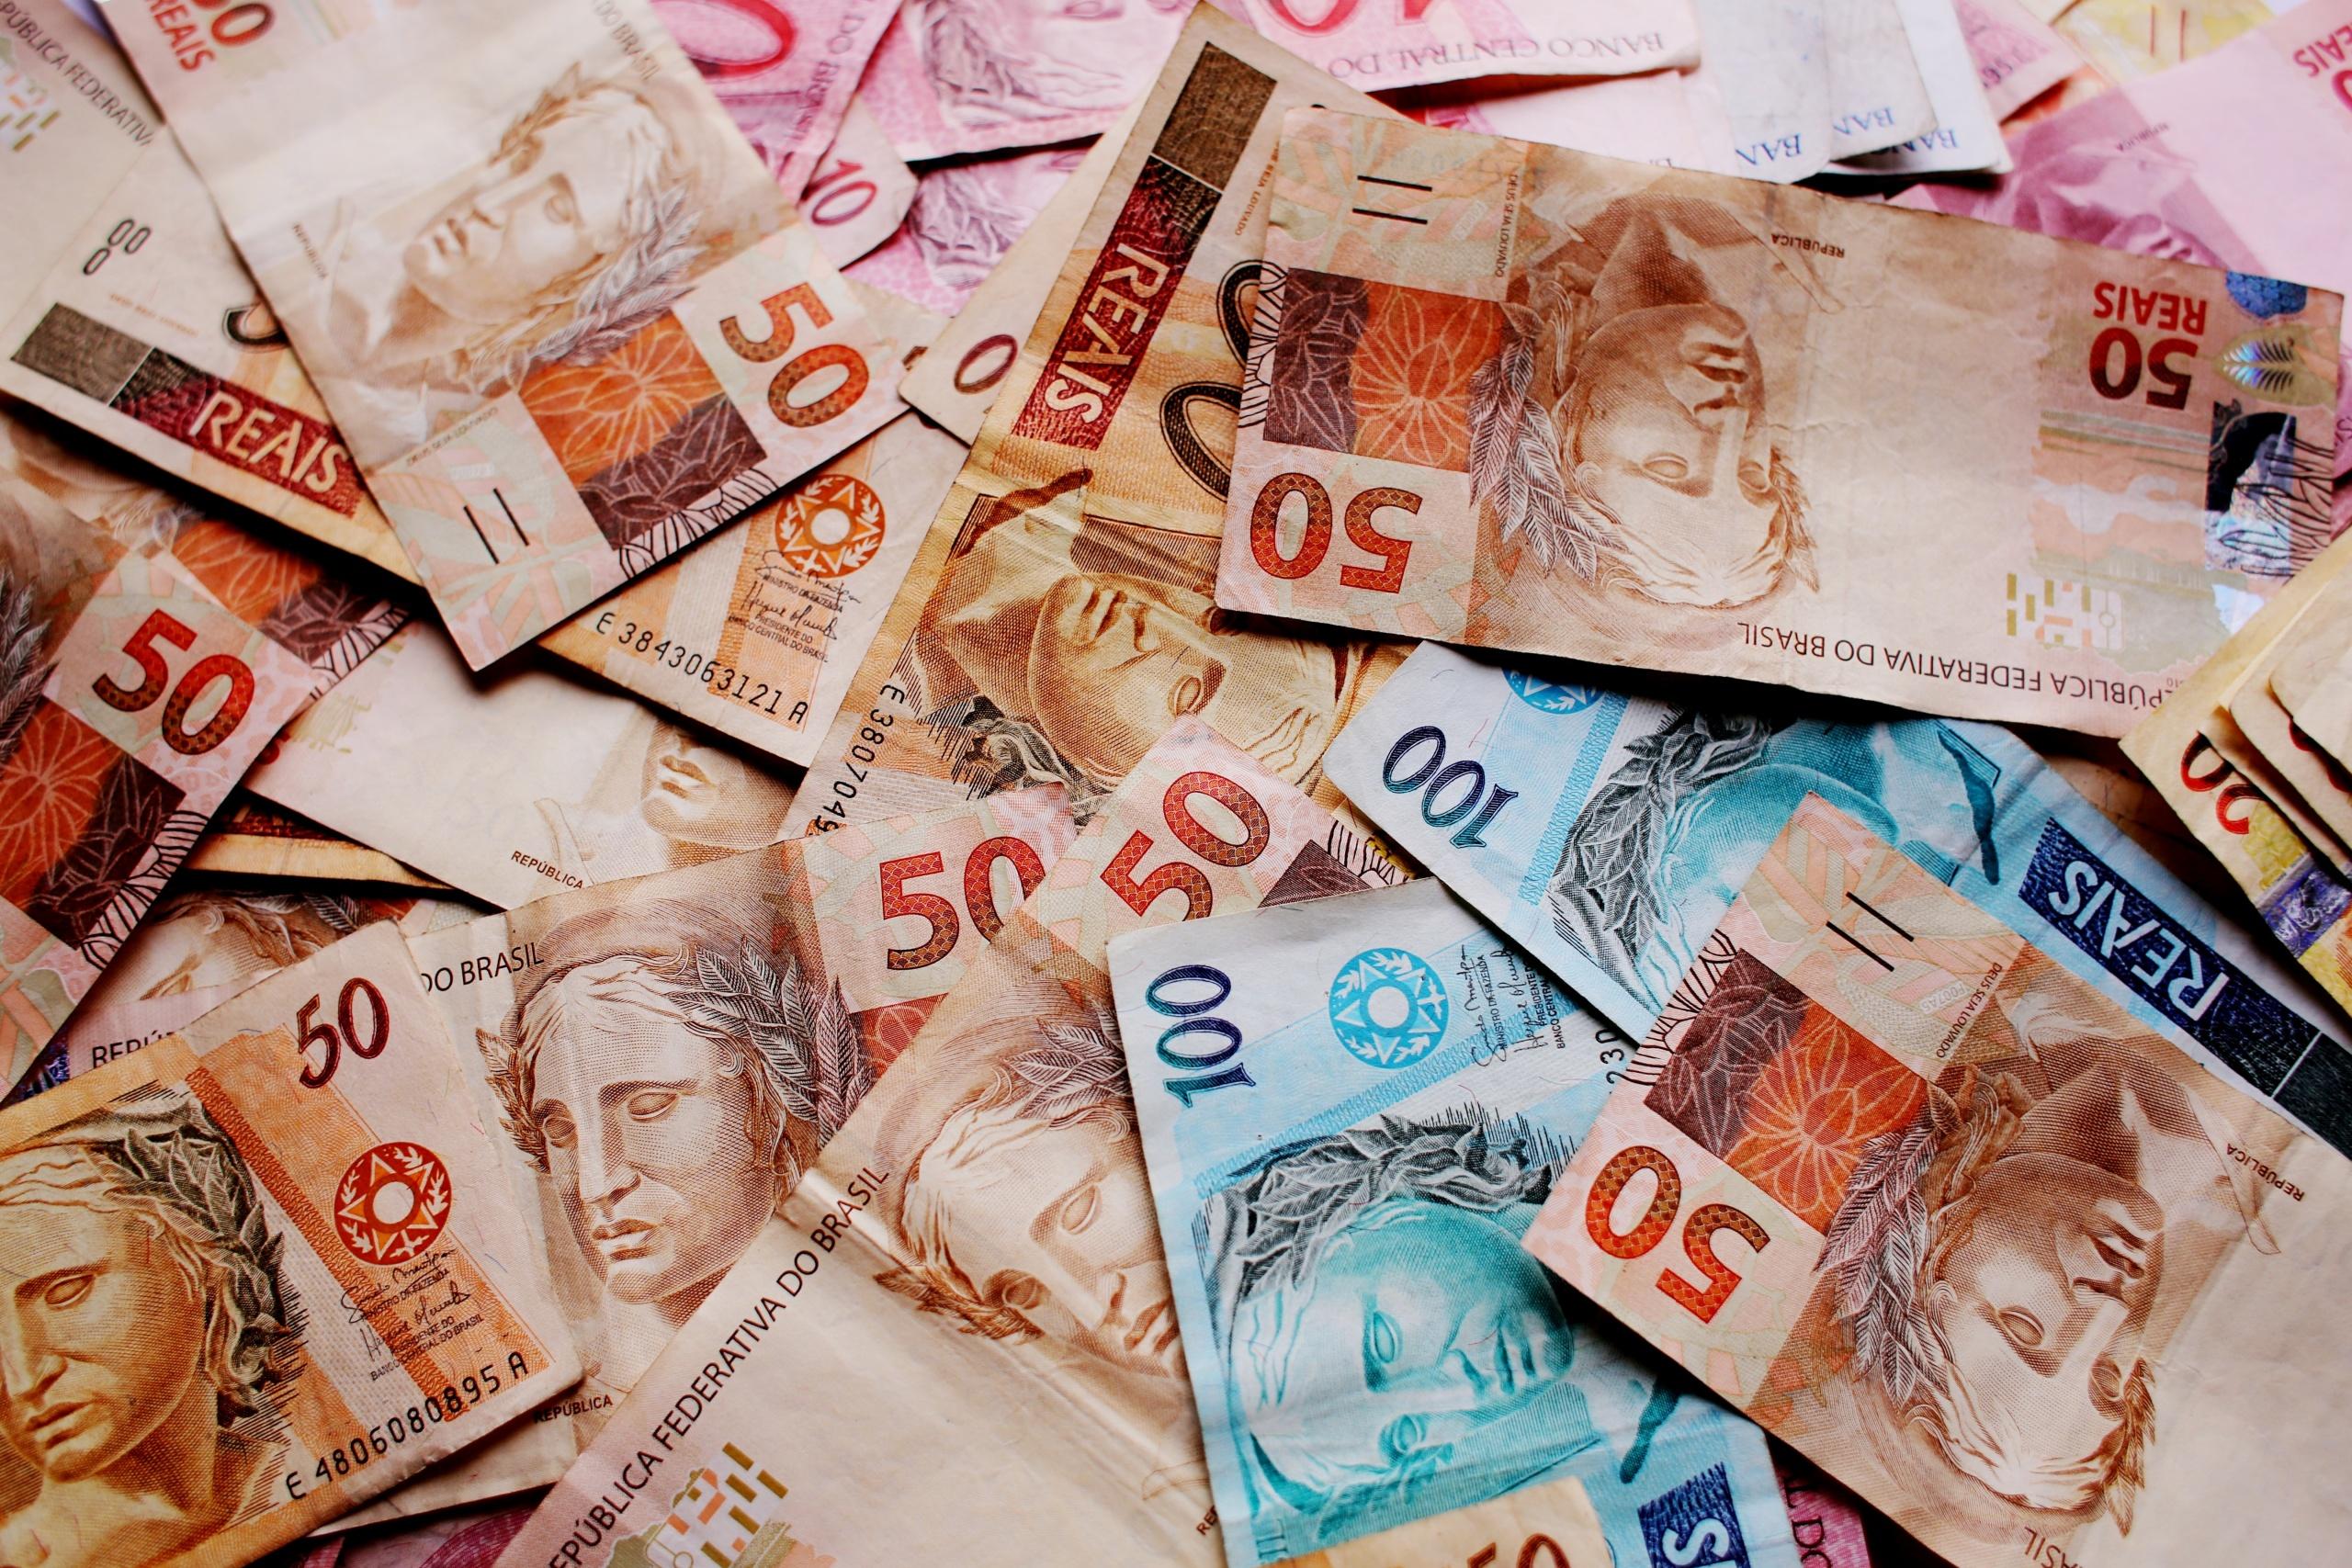 Restituição de impostos: como reaver o seu dinheiro?